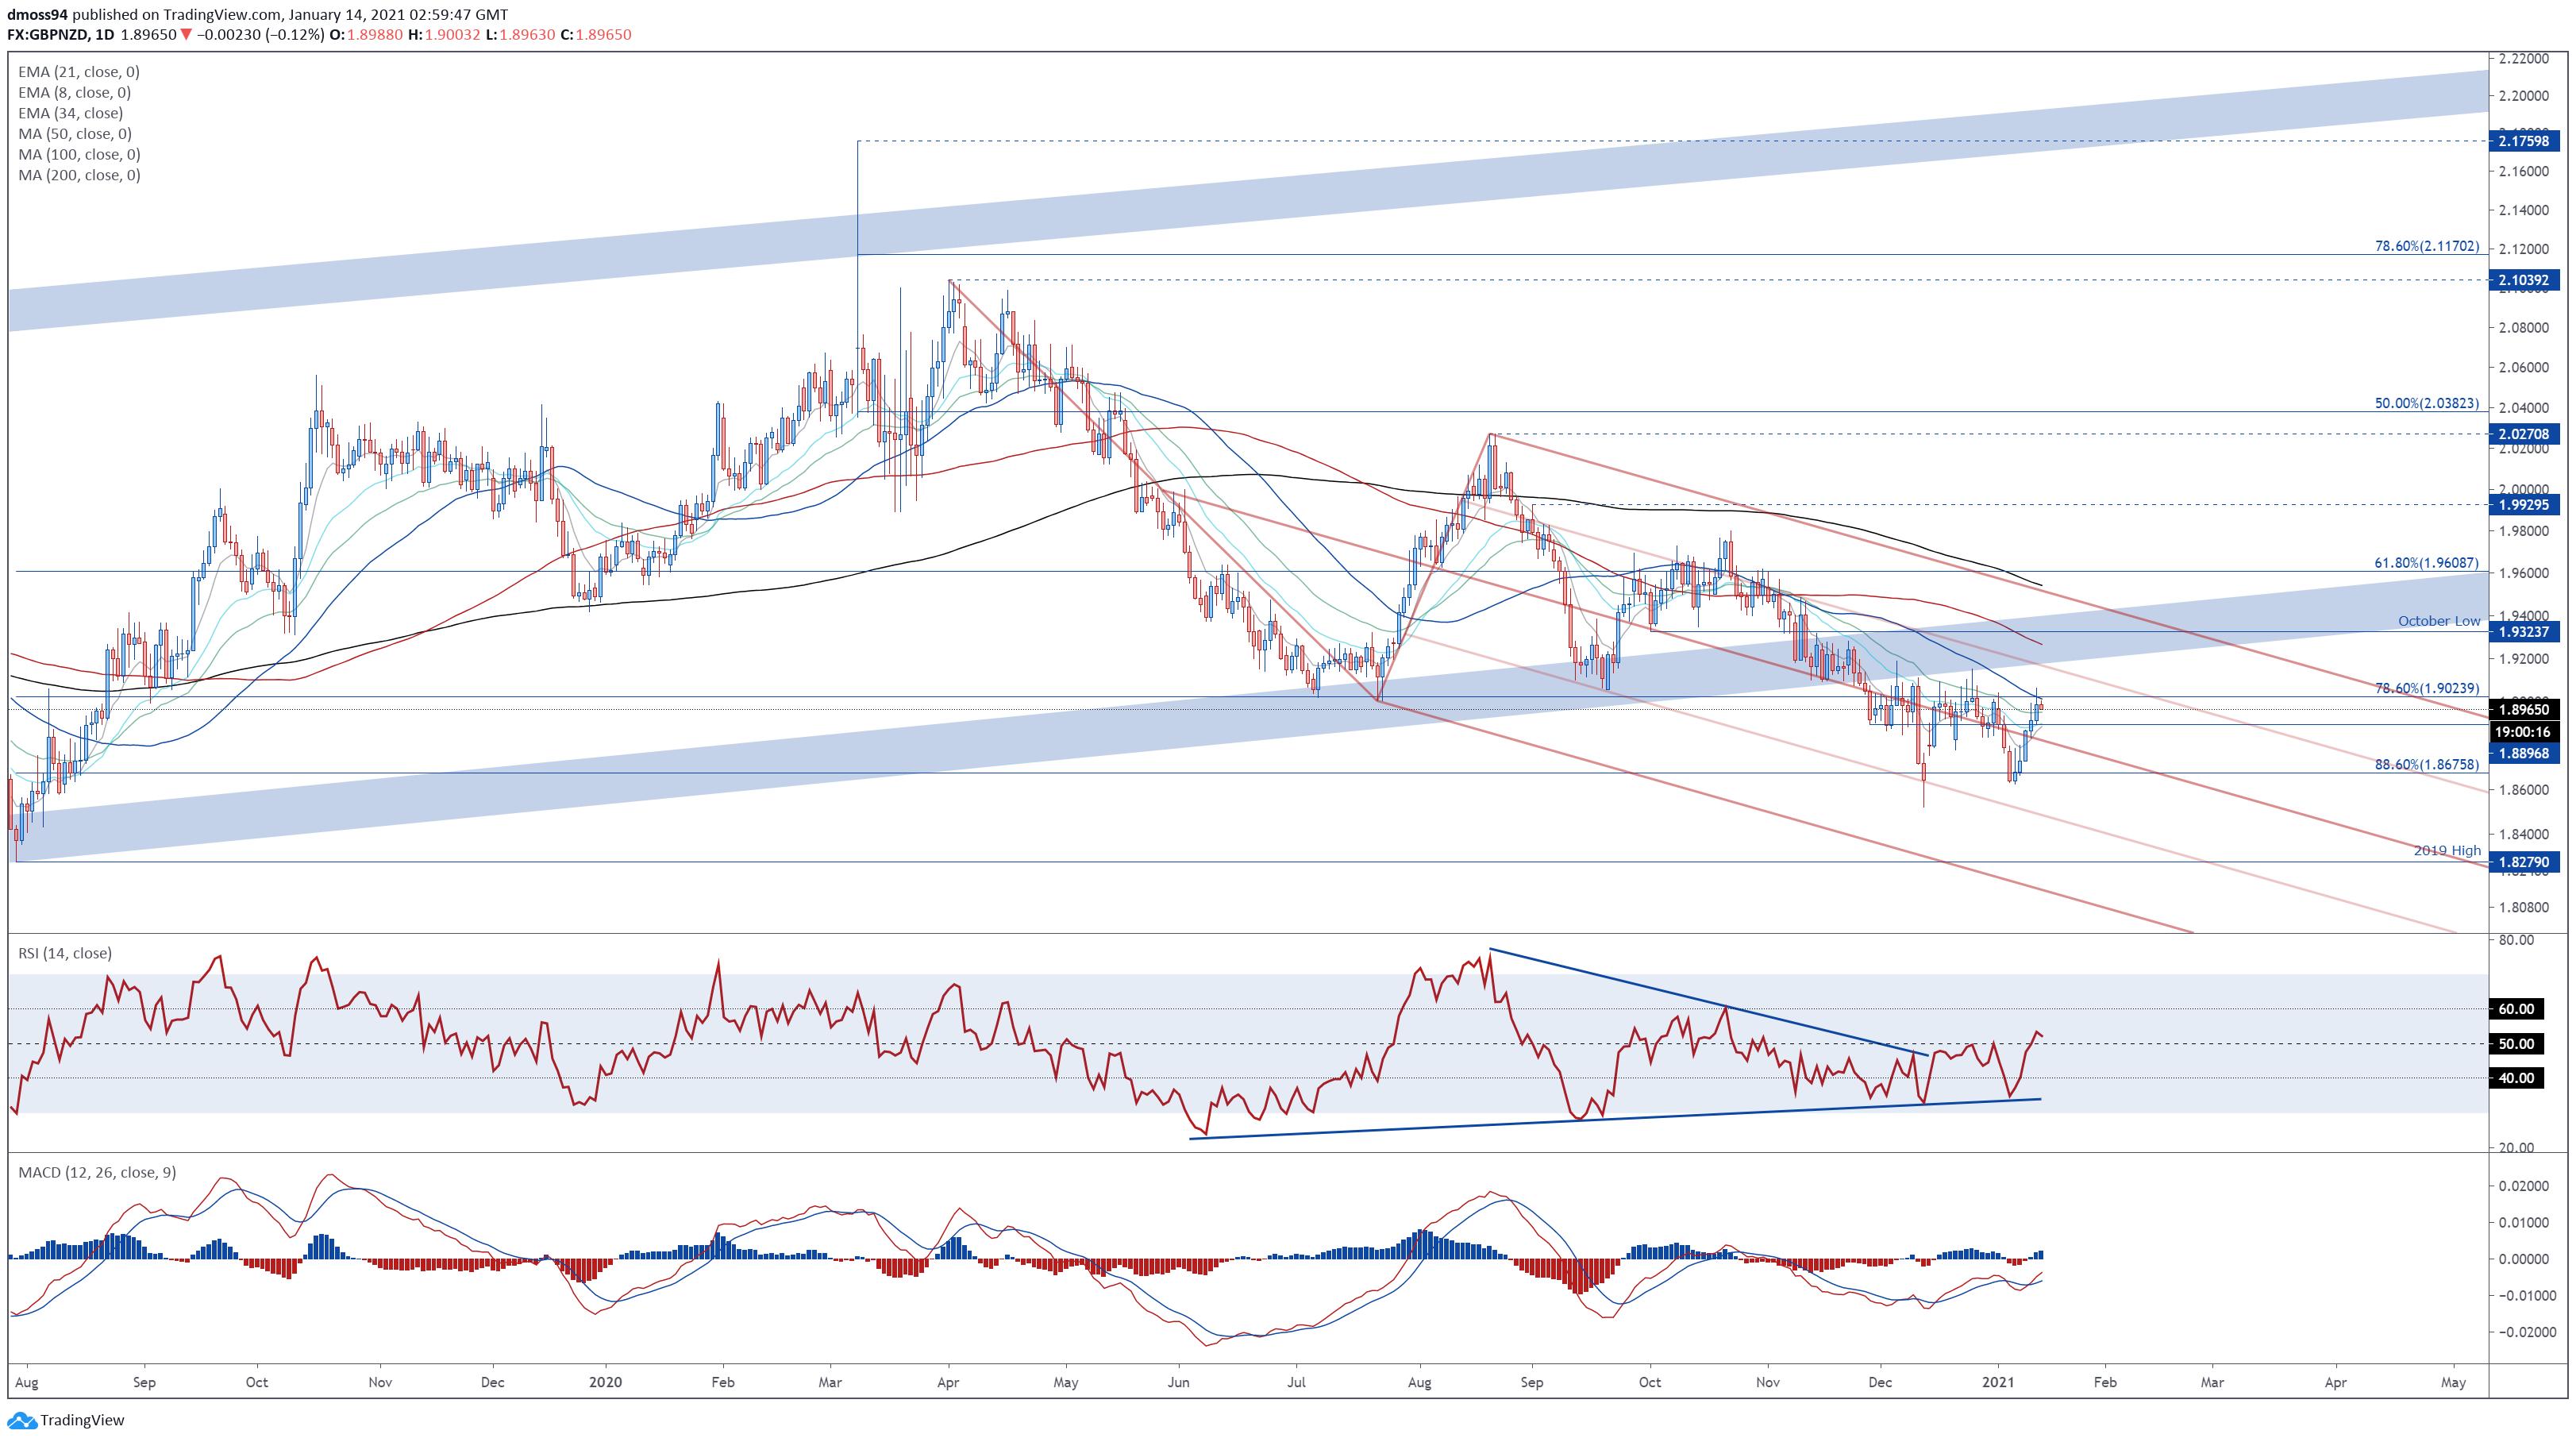 英镑货币对价格走势∶英镑/美元、英镑/日元和英镑/纽元技术分析